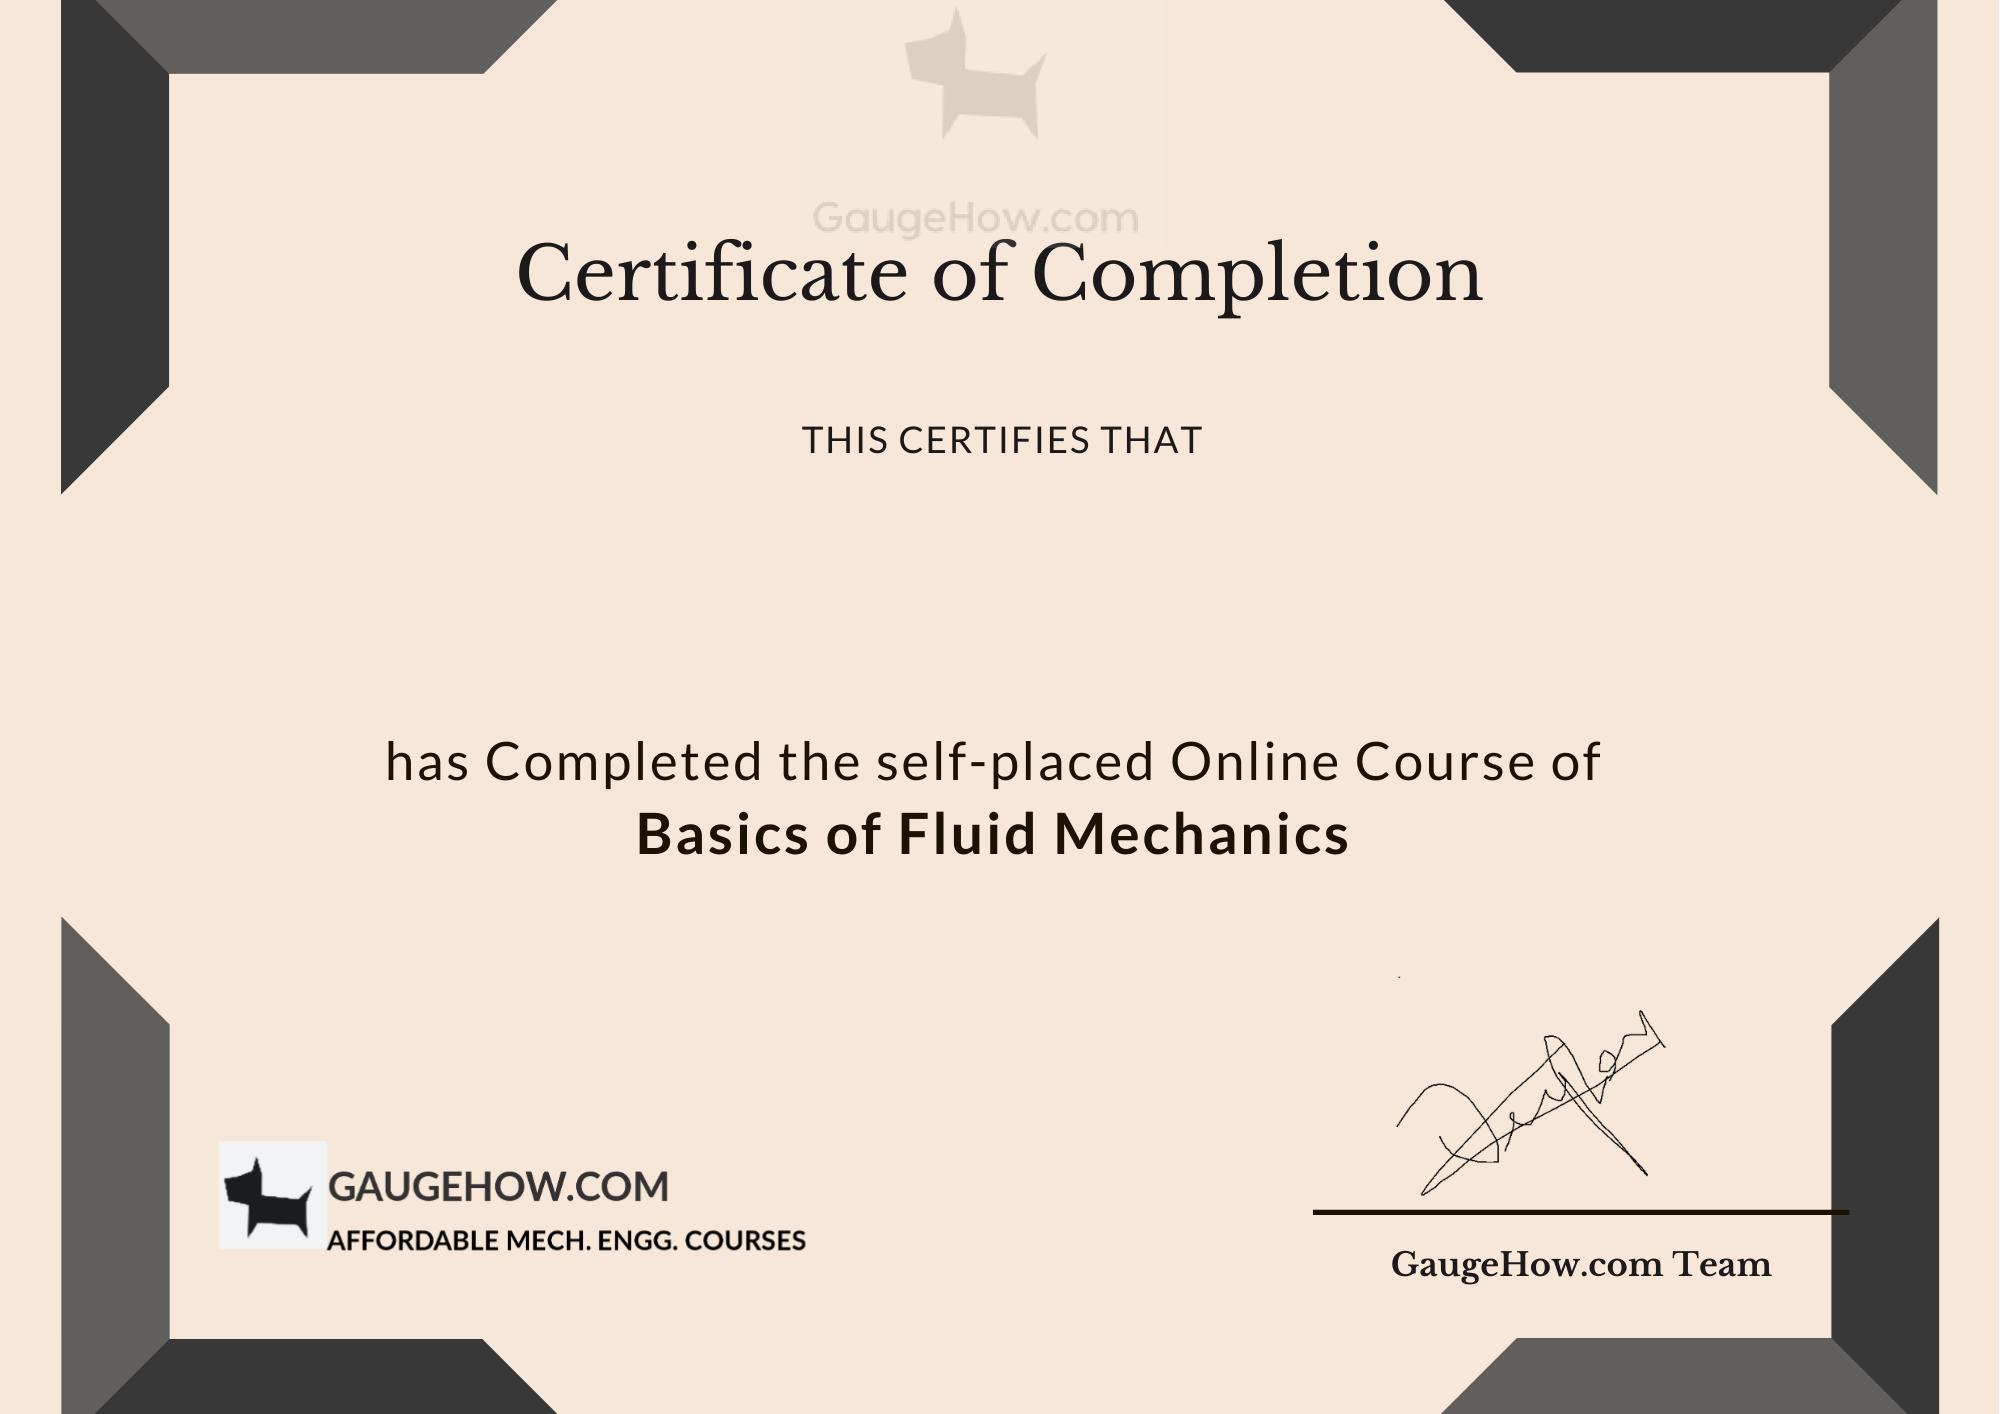 certificate fm template